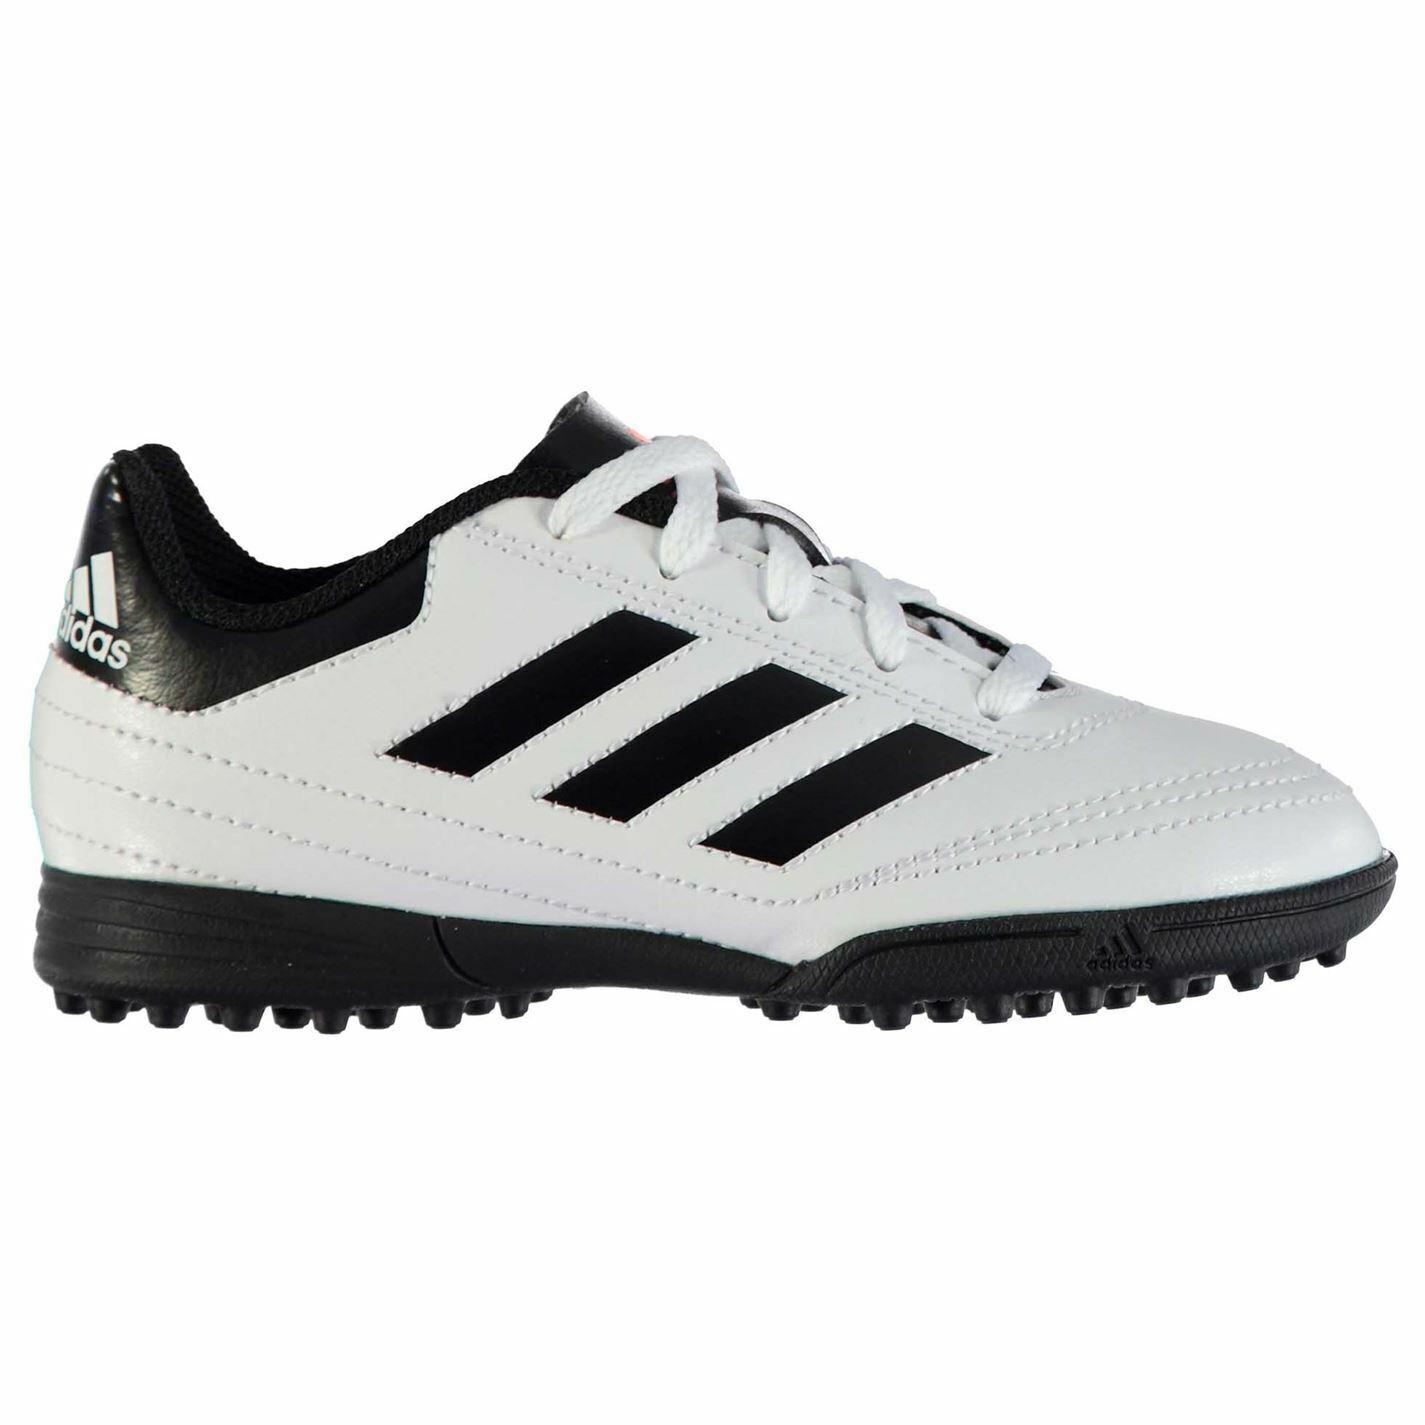 Adidas Goletto Astro Ag Erba Artificiale Scarpe Sportive Juniors Calcio Bianco